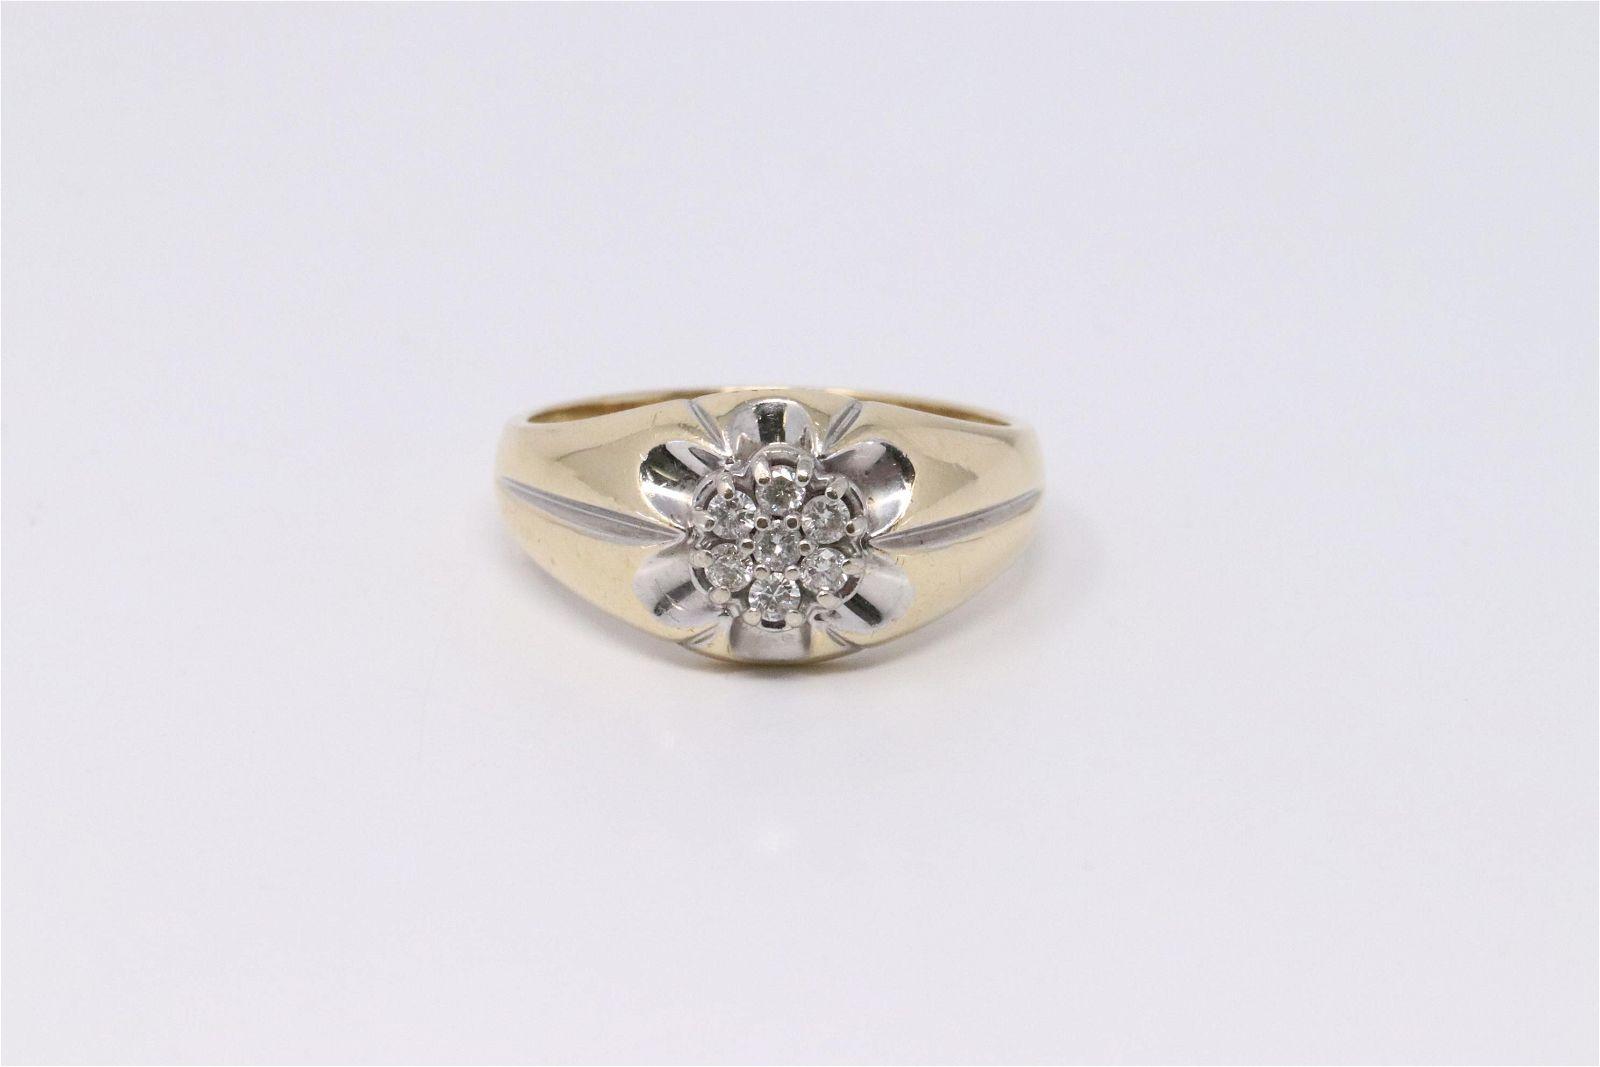 14KT Men's Diamond Ring.